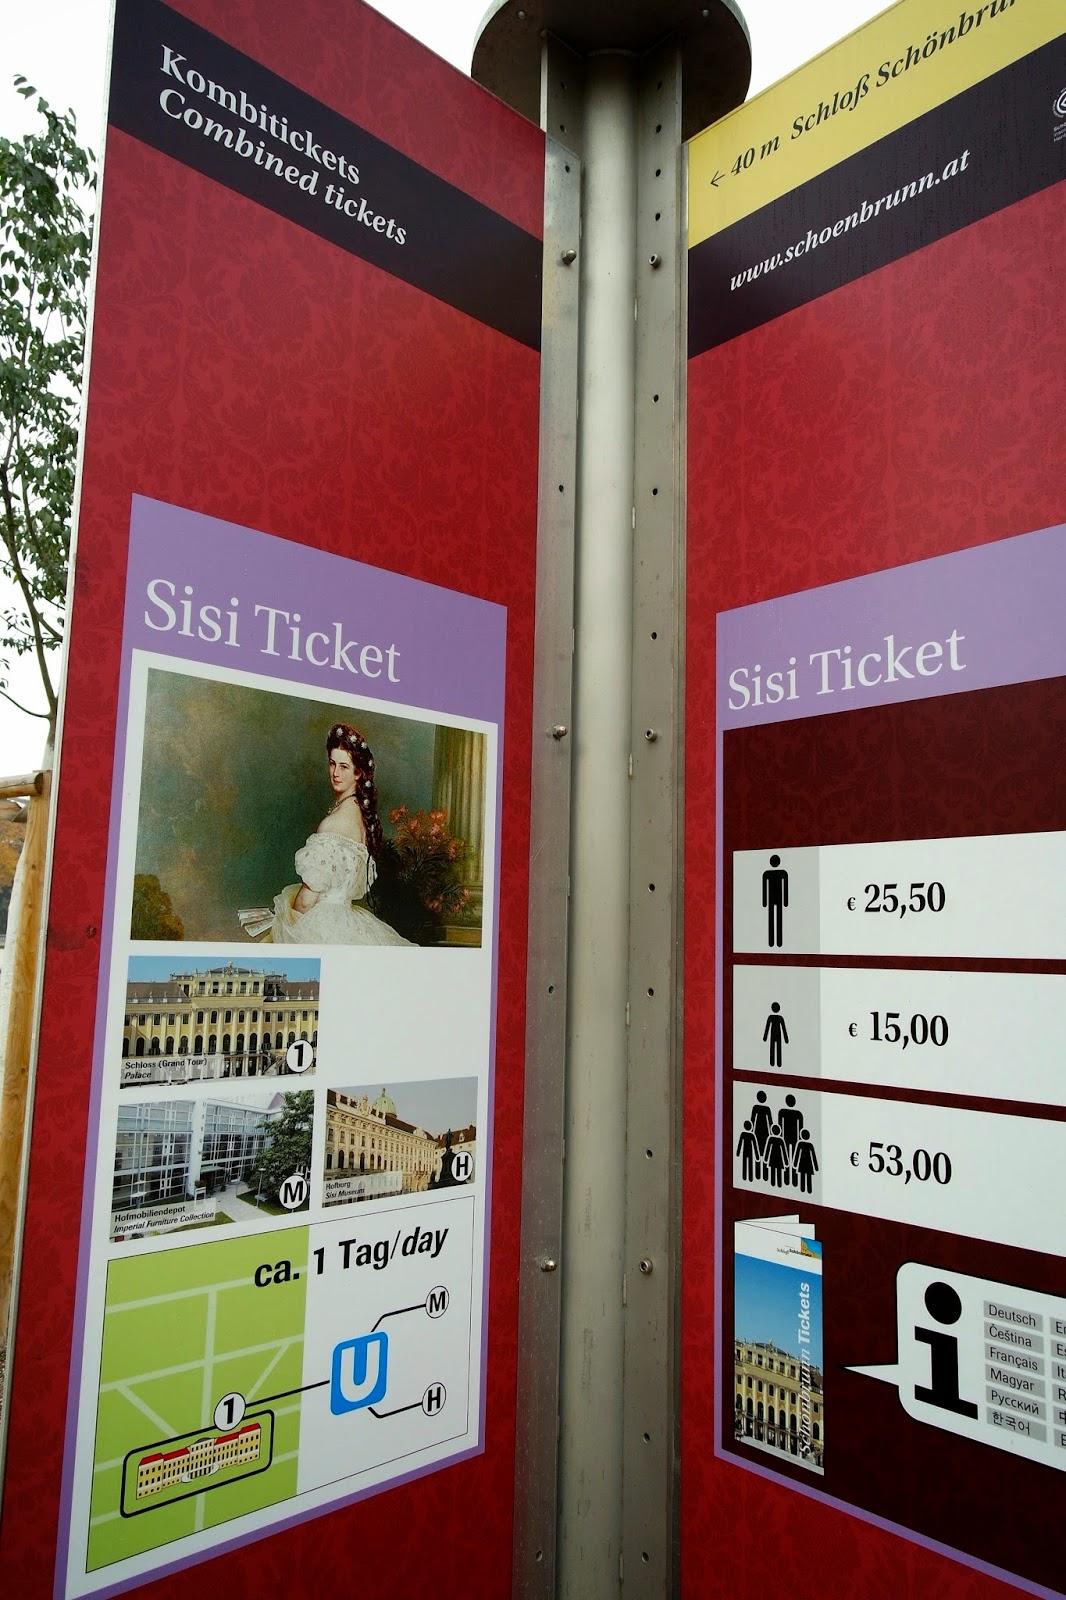 Ticket Price for Schonbrunn Palace Vienna Austria